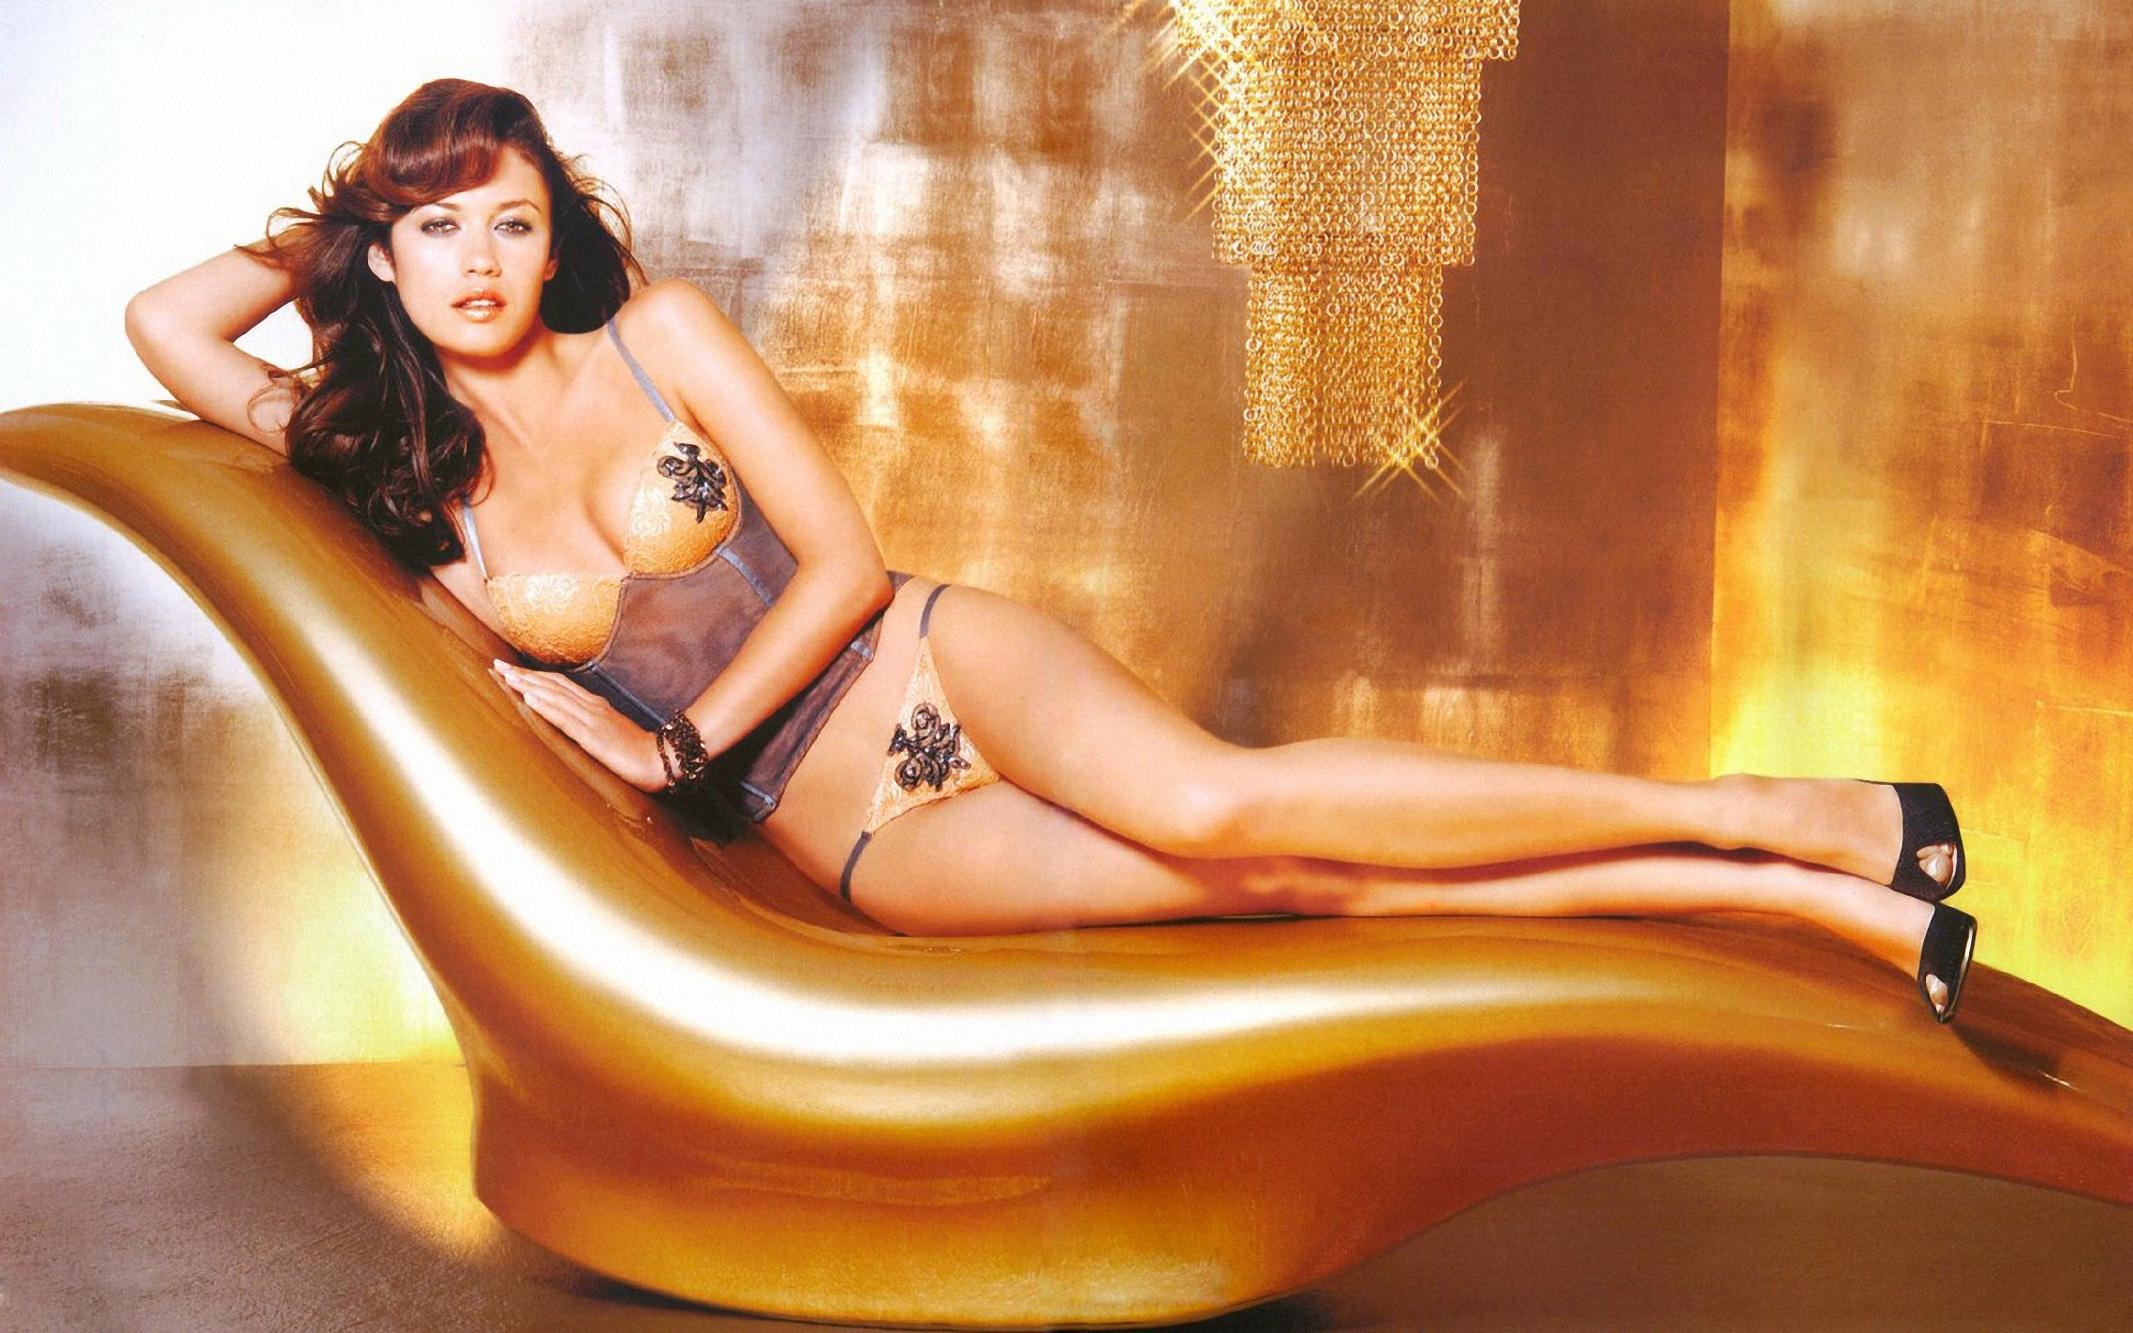 eroticheskie-foto-olga-kurilenko-v-zhurnale-maxim